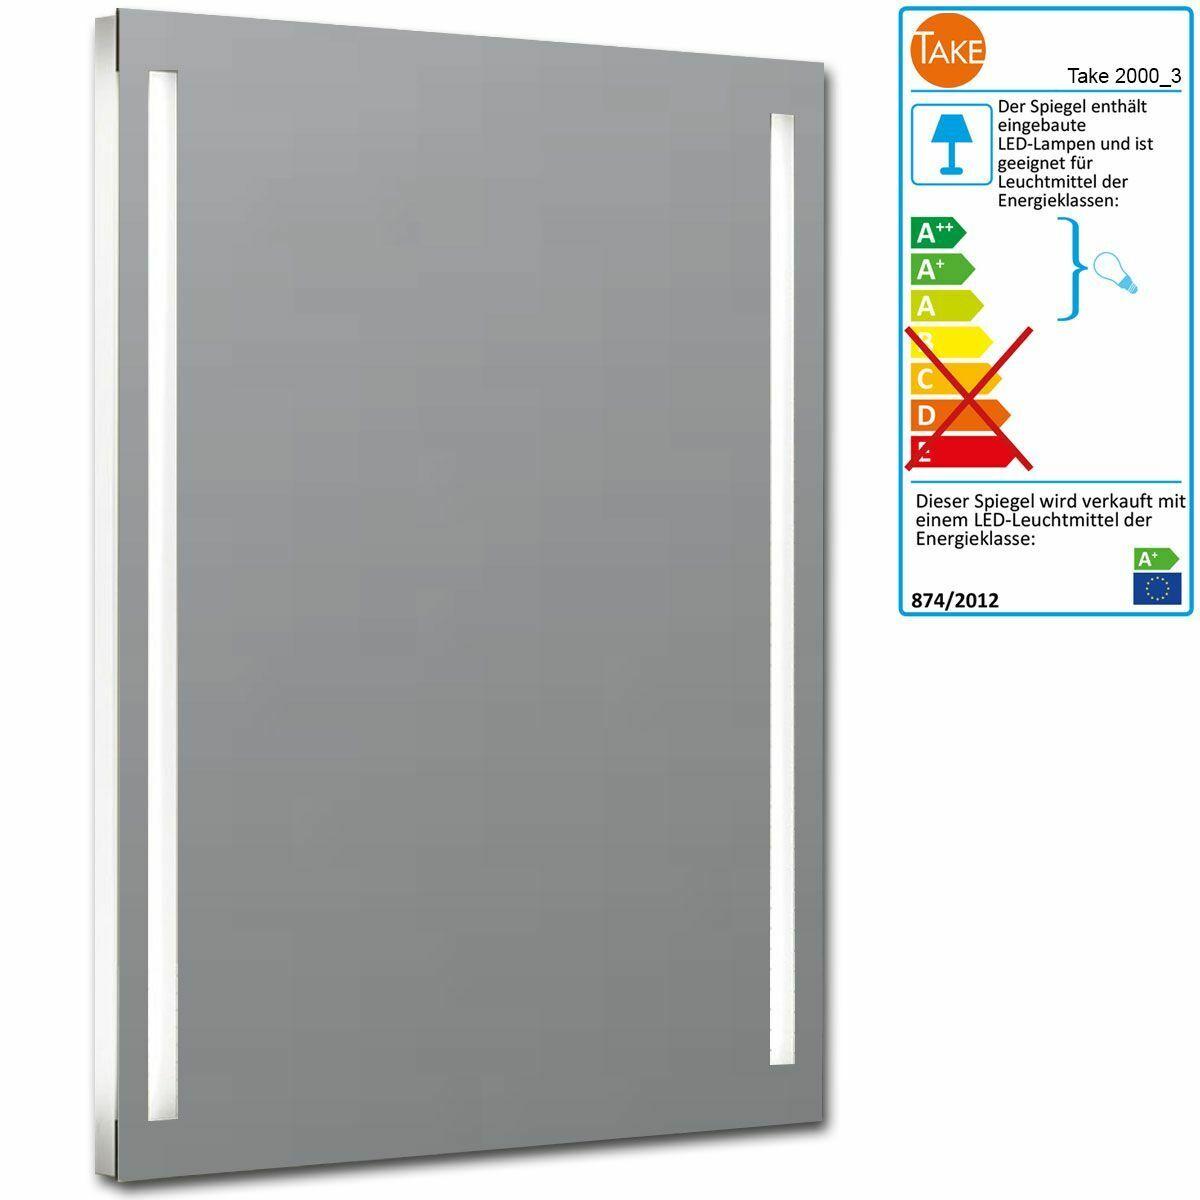 Spiegel Badspiegel 20003 LED-Beleuchtung dimmbar hinterleuchtet 600x800x35 mm